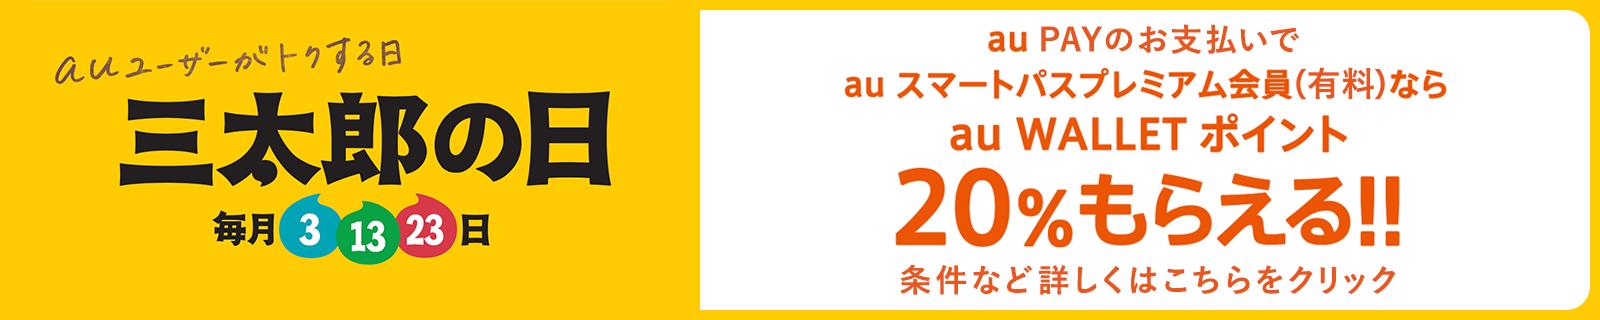 「三太郎の日」 au PAYのお支払いでau スマートパスプレミアム会員(有料)ならau WALLET ポイント20%もらえる!!条件など詳しくはこちらをクリック